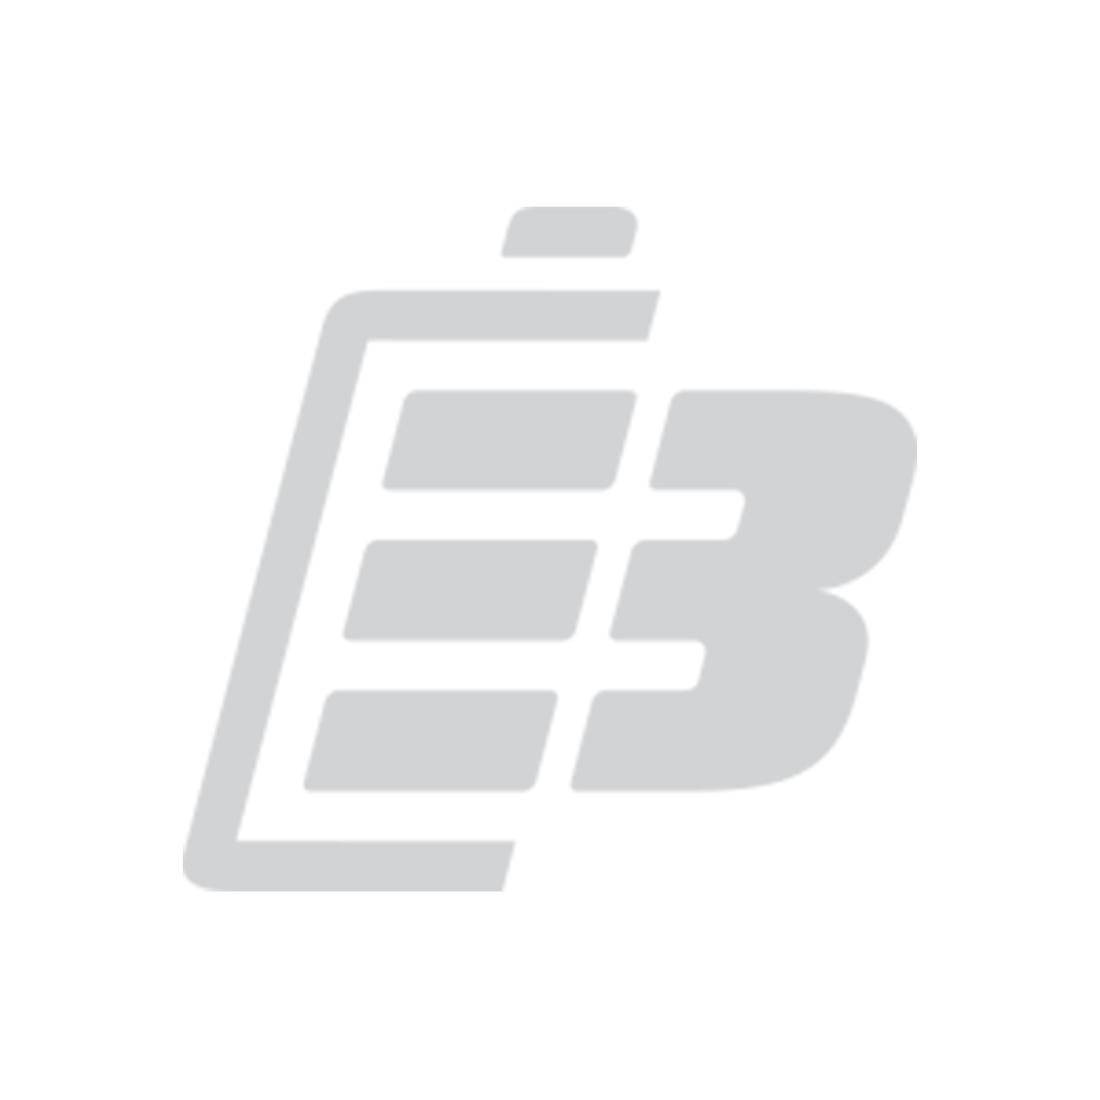 Μπαταρία Laptop Fujitsu Siemens Amilo Pro V2045_1